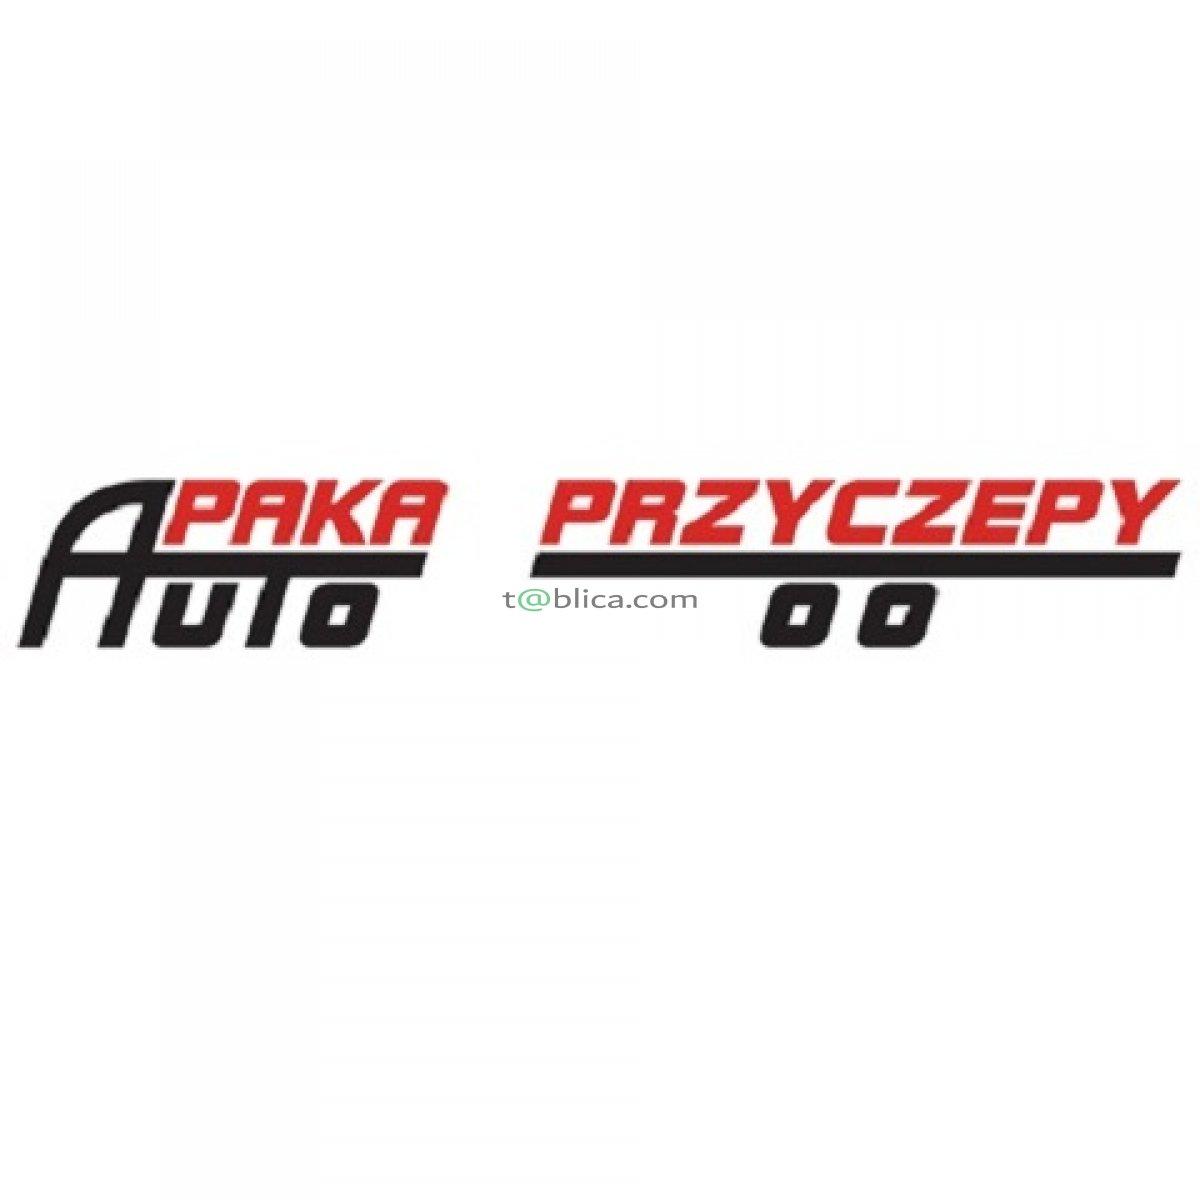 Serwis przyczep i naczep samochodowych - Auto Paka